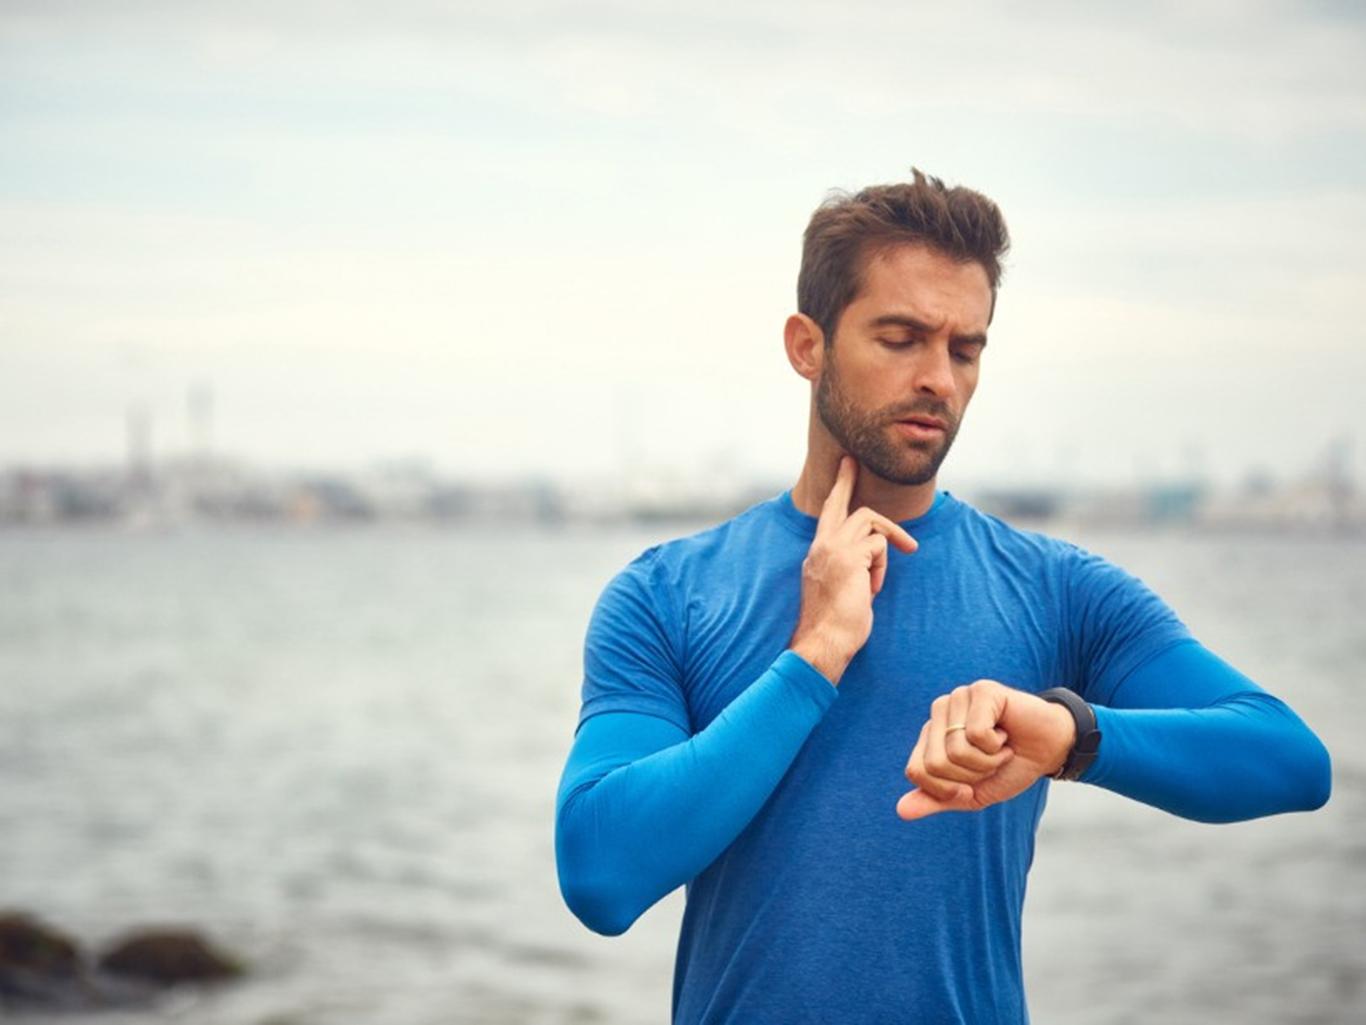 Что такое пульсовая зона и как она поможет тебе подкачаться или похудеть